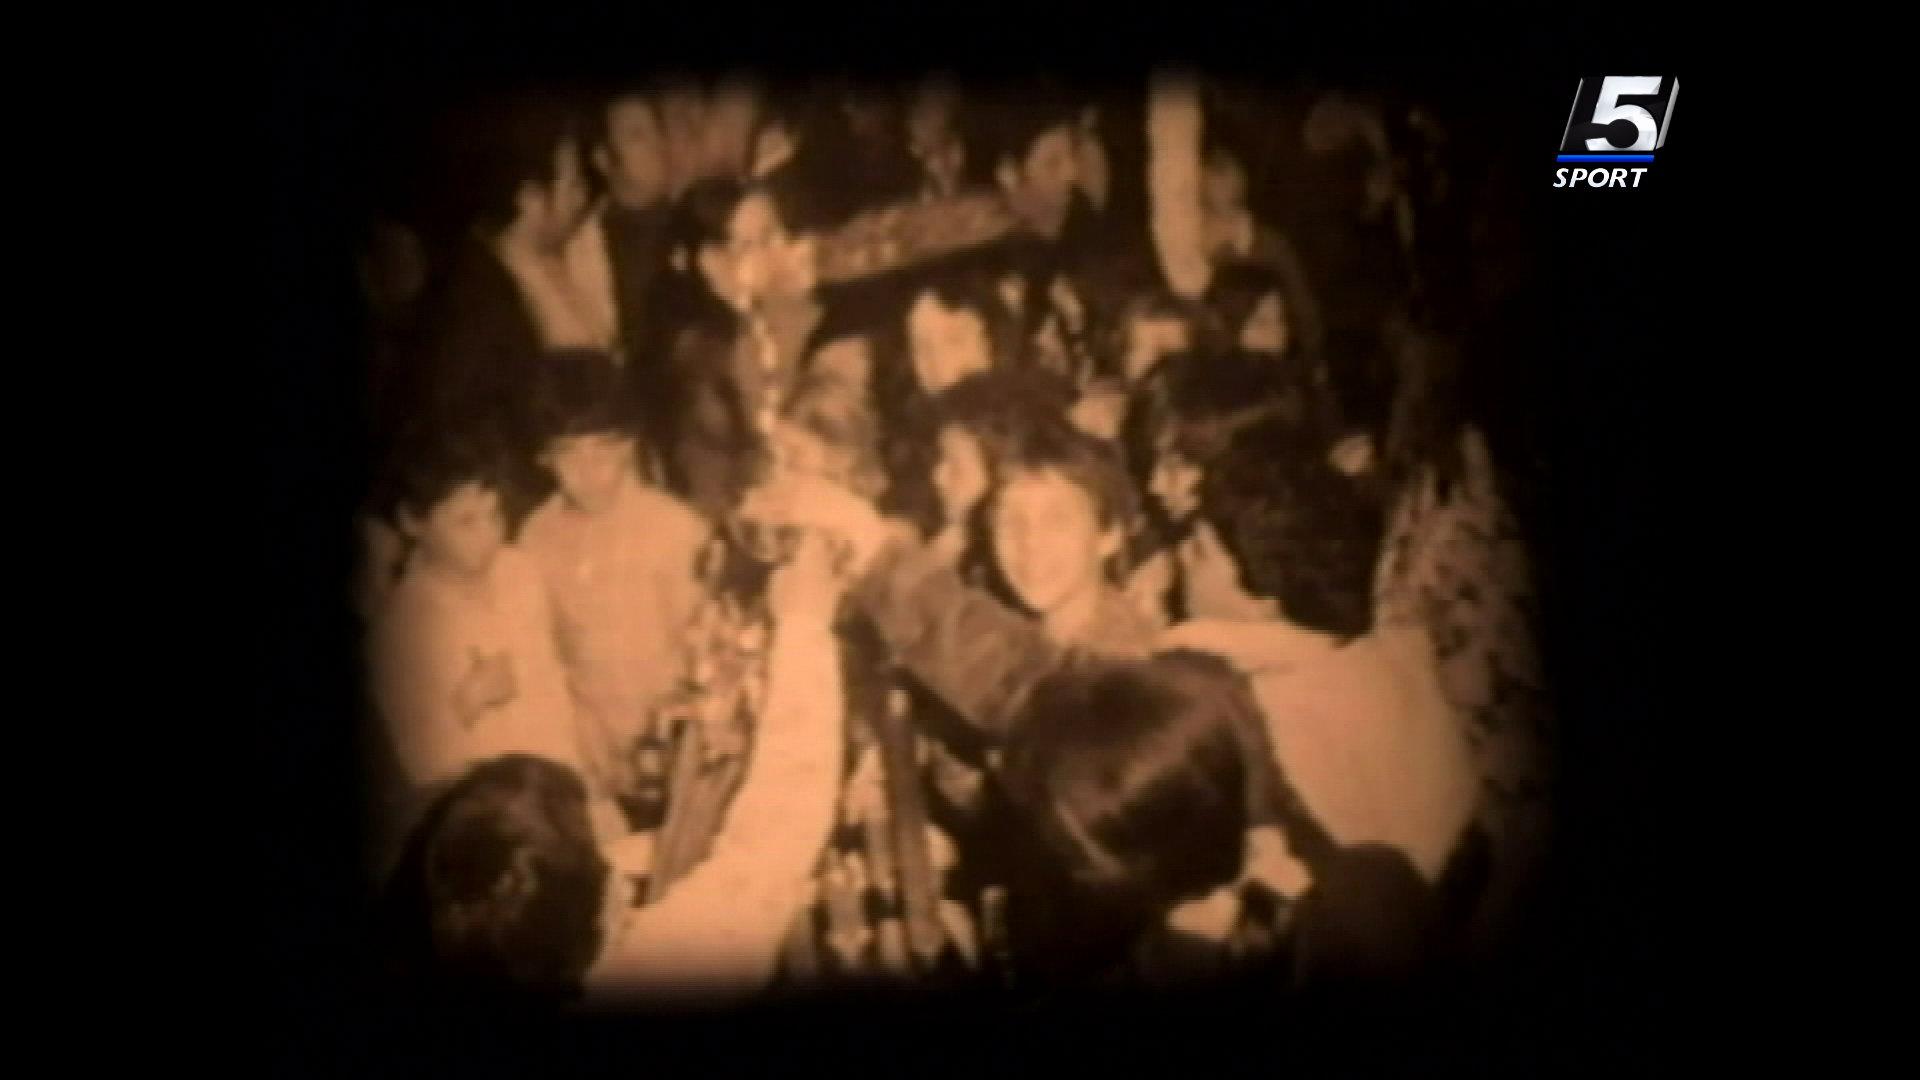 תושבי יגור מקבלים את שחקני הפועל גבת-יגור אחרי הנצחון. מתוך הסרט